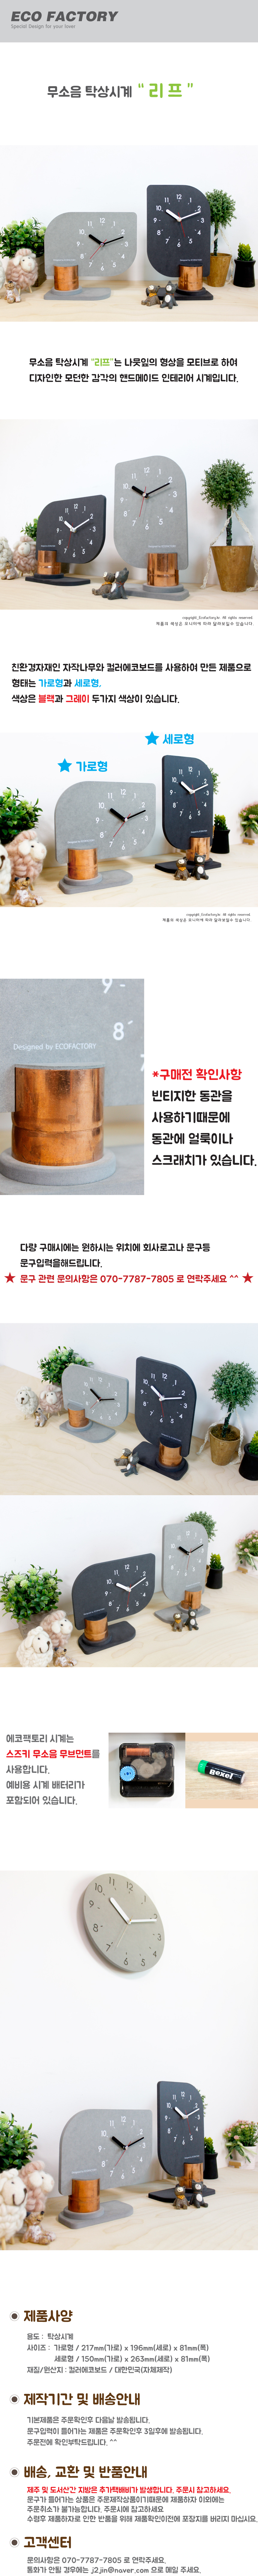 무소음 우드 탁상시계 리프 - 에코 팩토리, 24,000원, 알람/탁상시계, 디자인시계